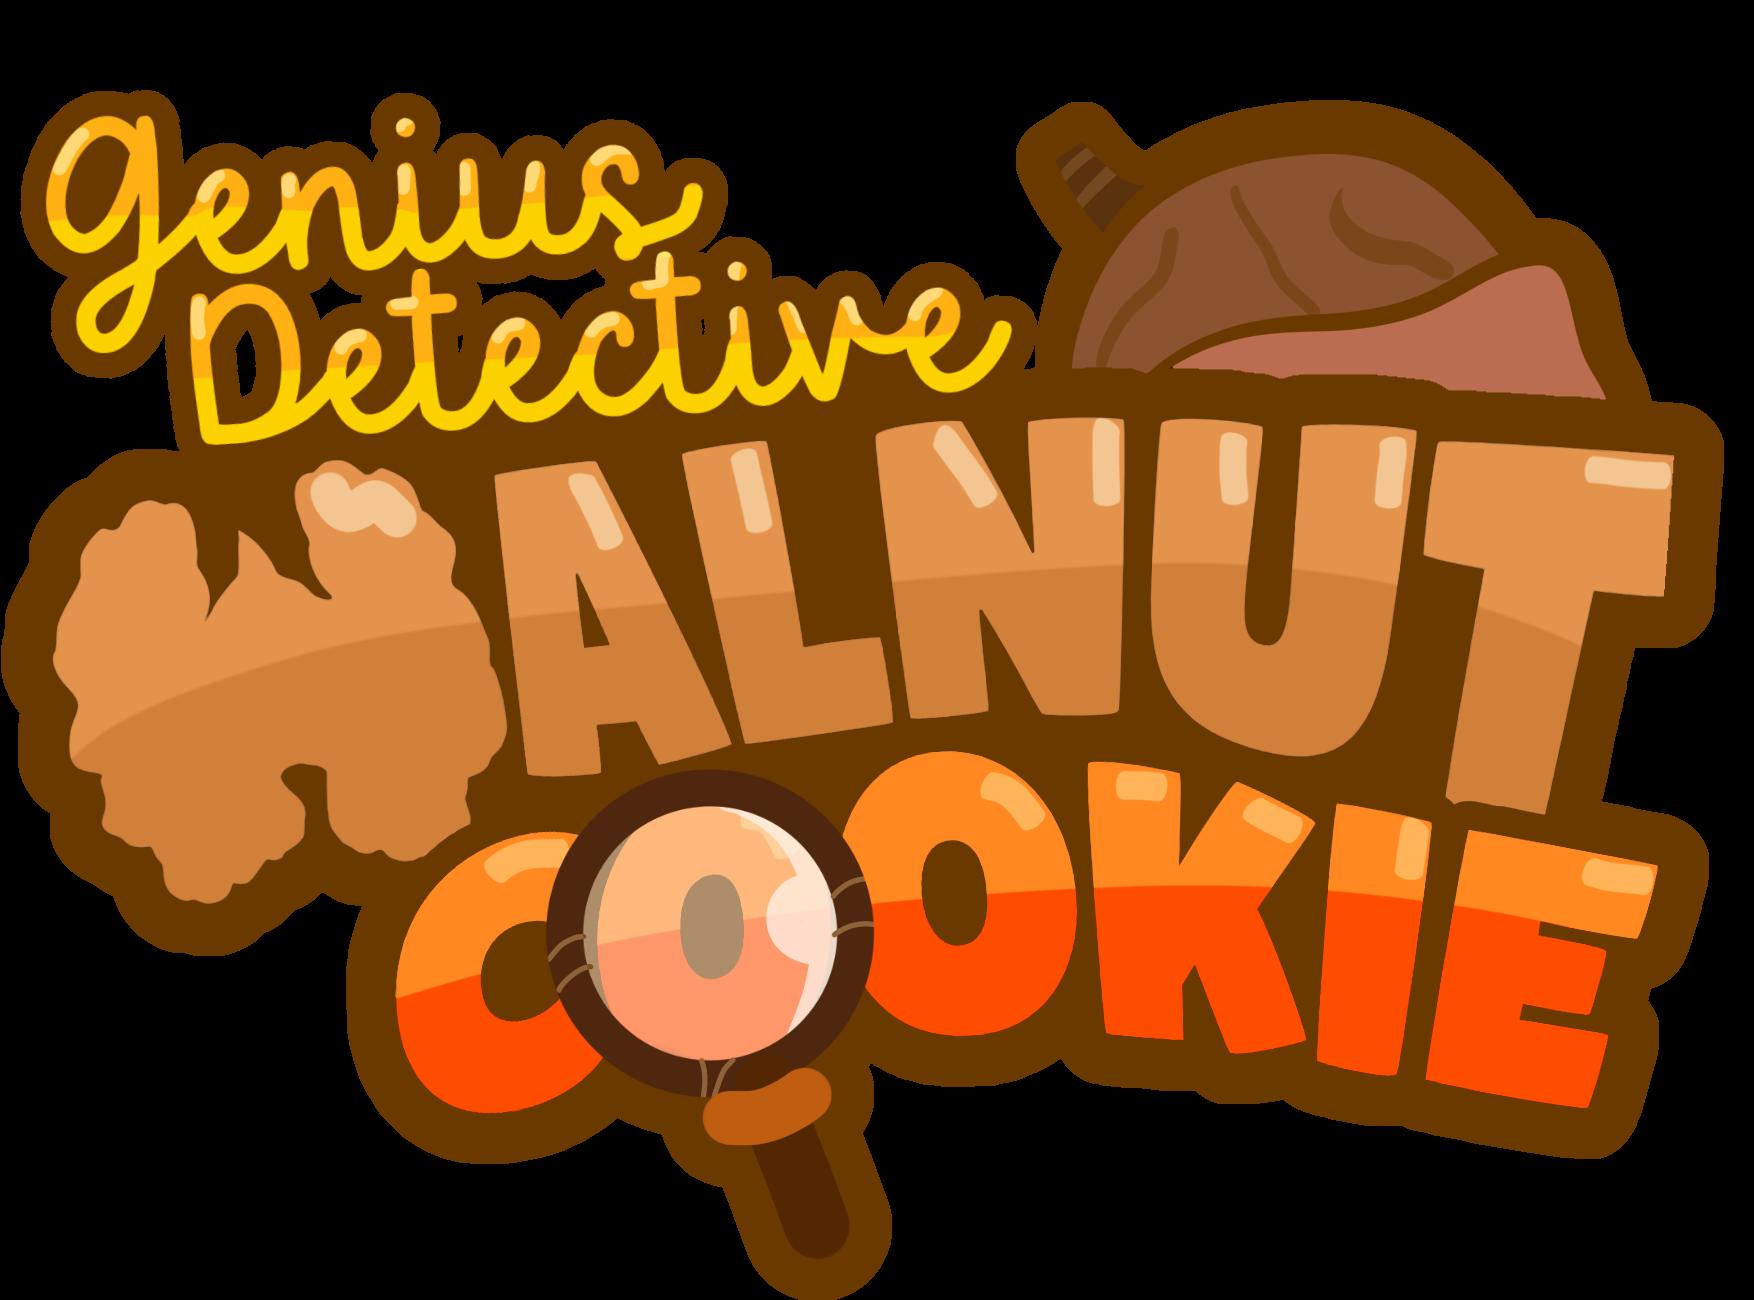 Genius Detective Walnut Cookie Info Masterlist By Jennalt 01angel On Deviantart